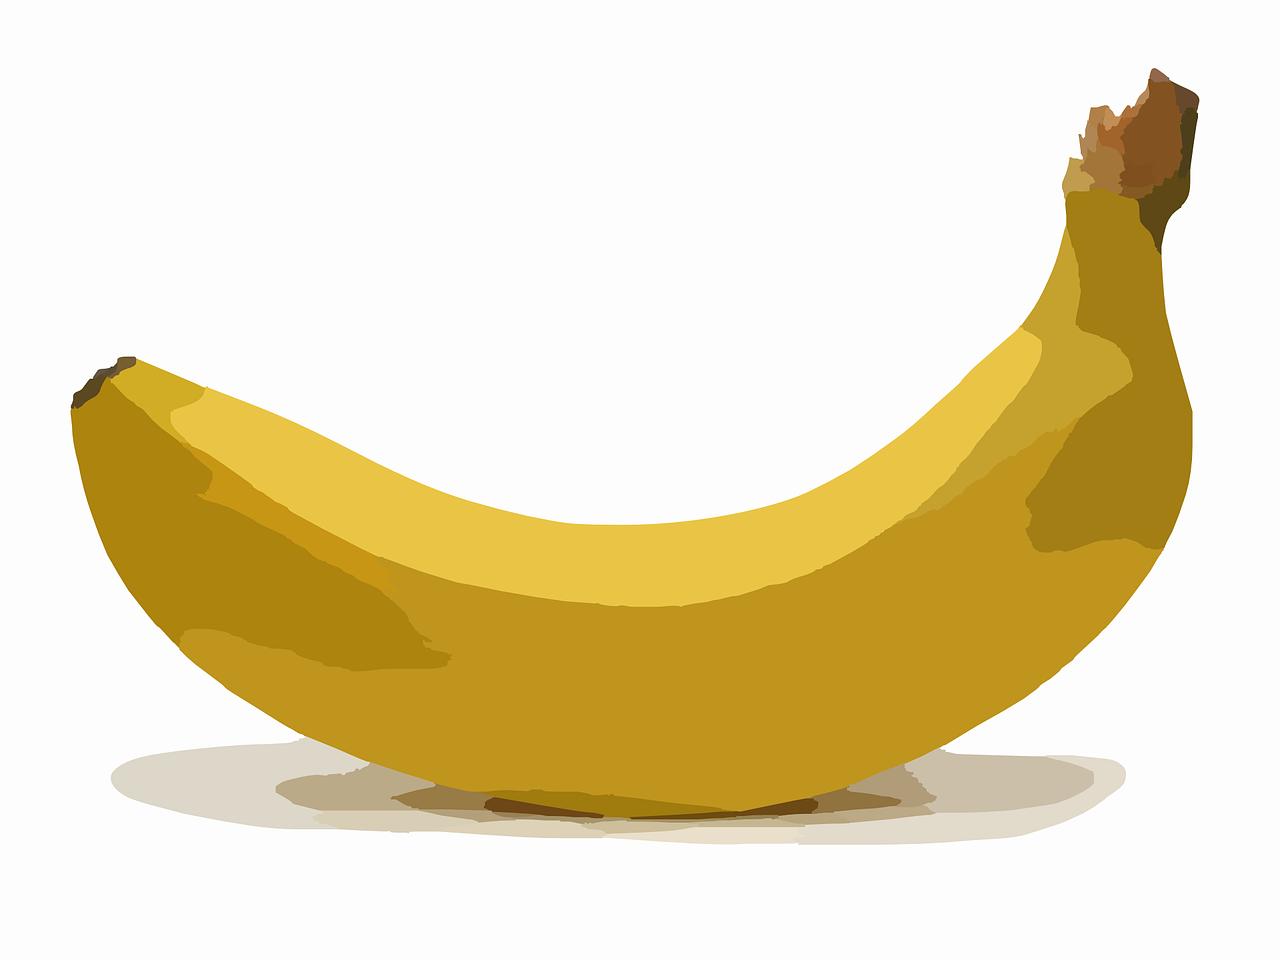 banana-295369_1280